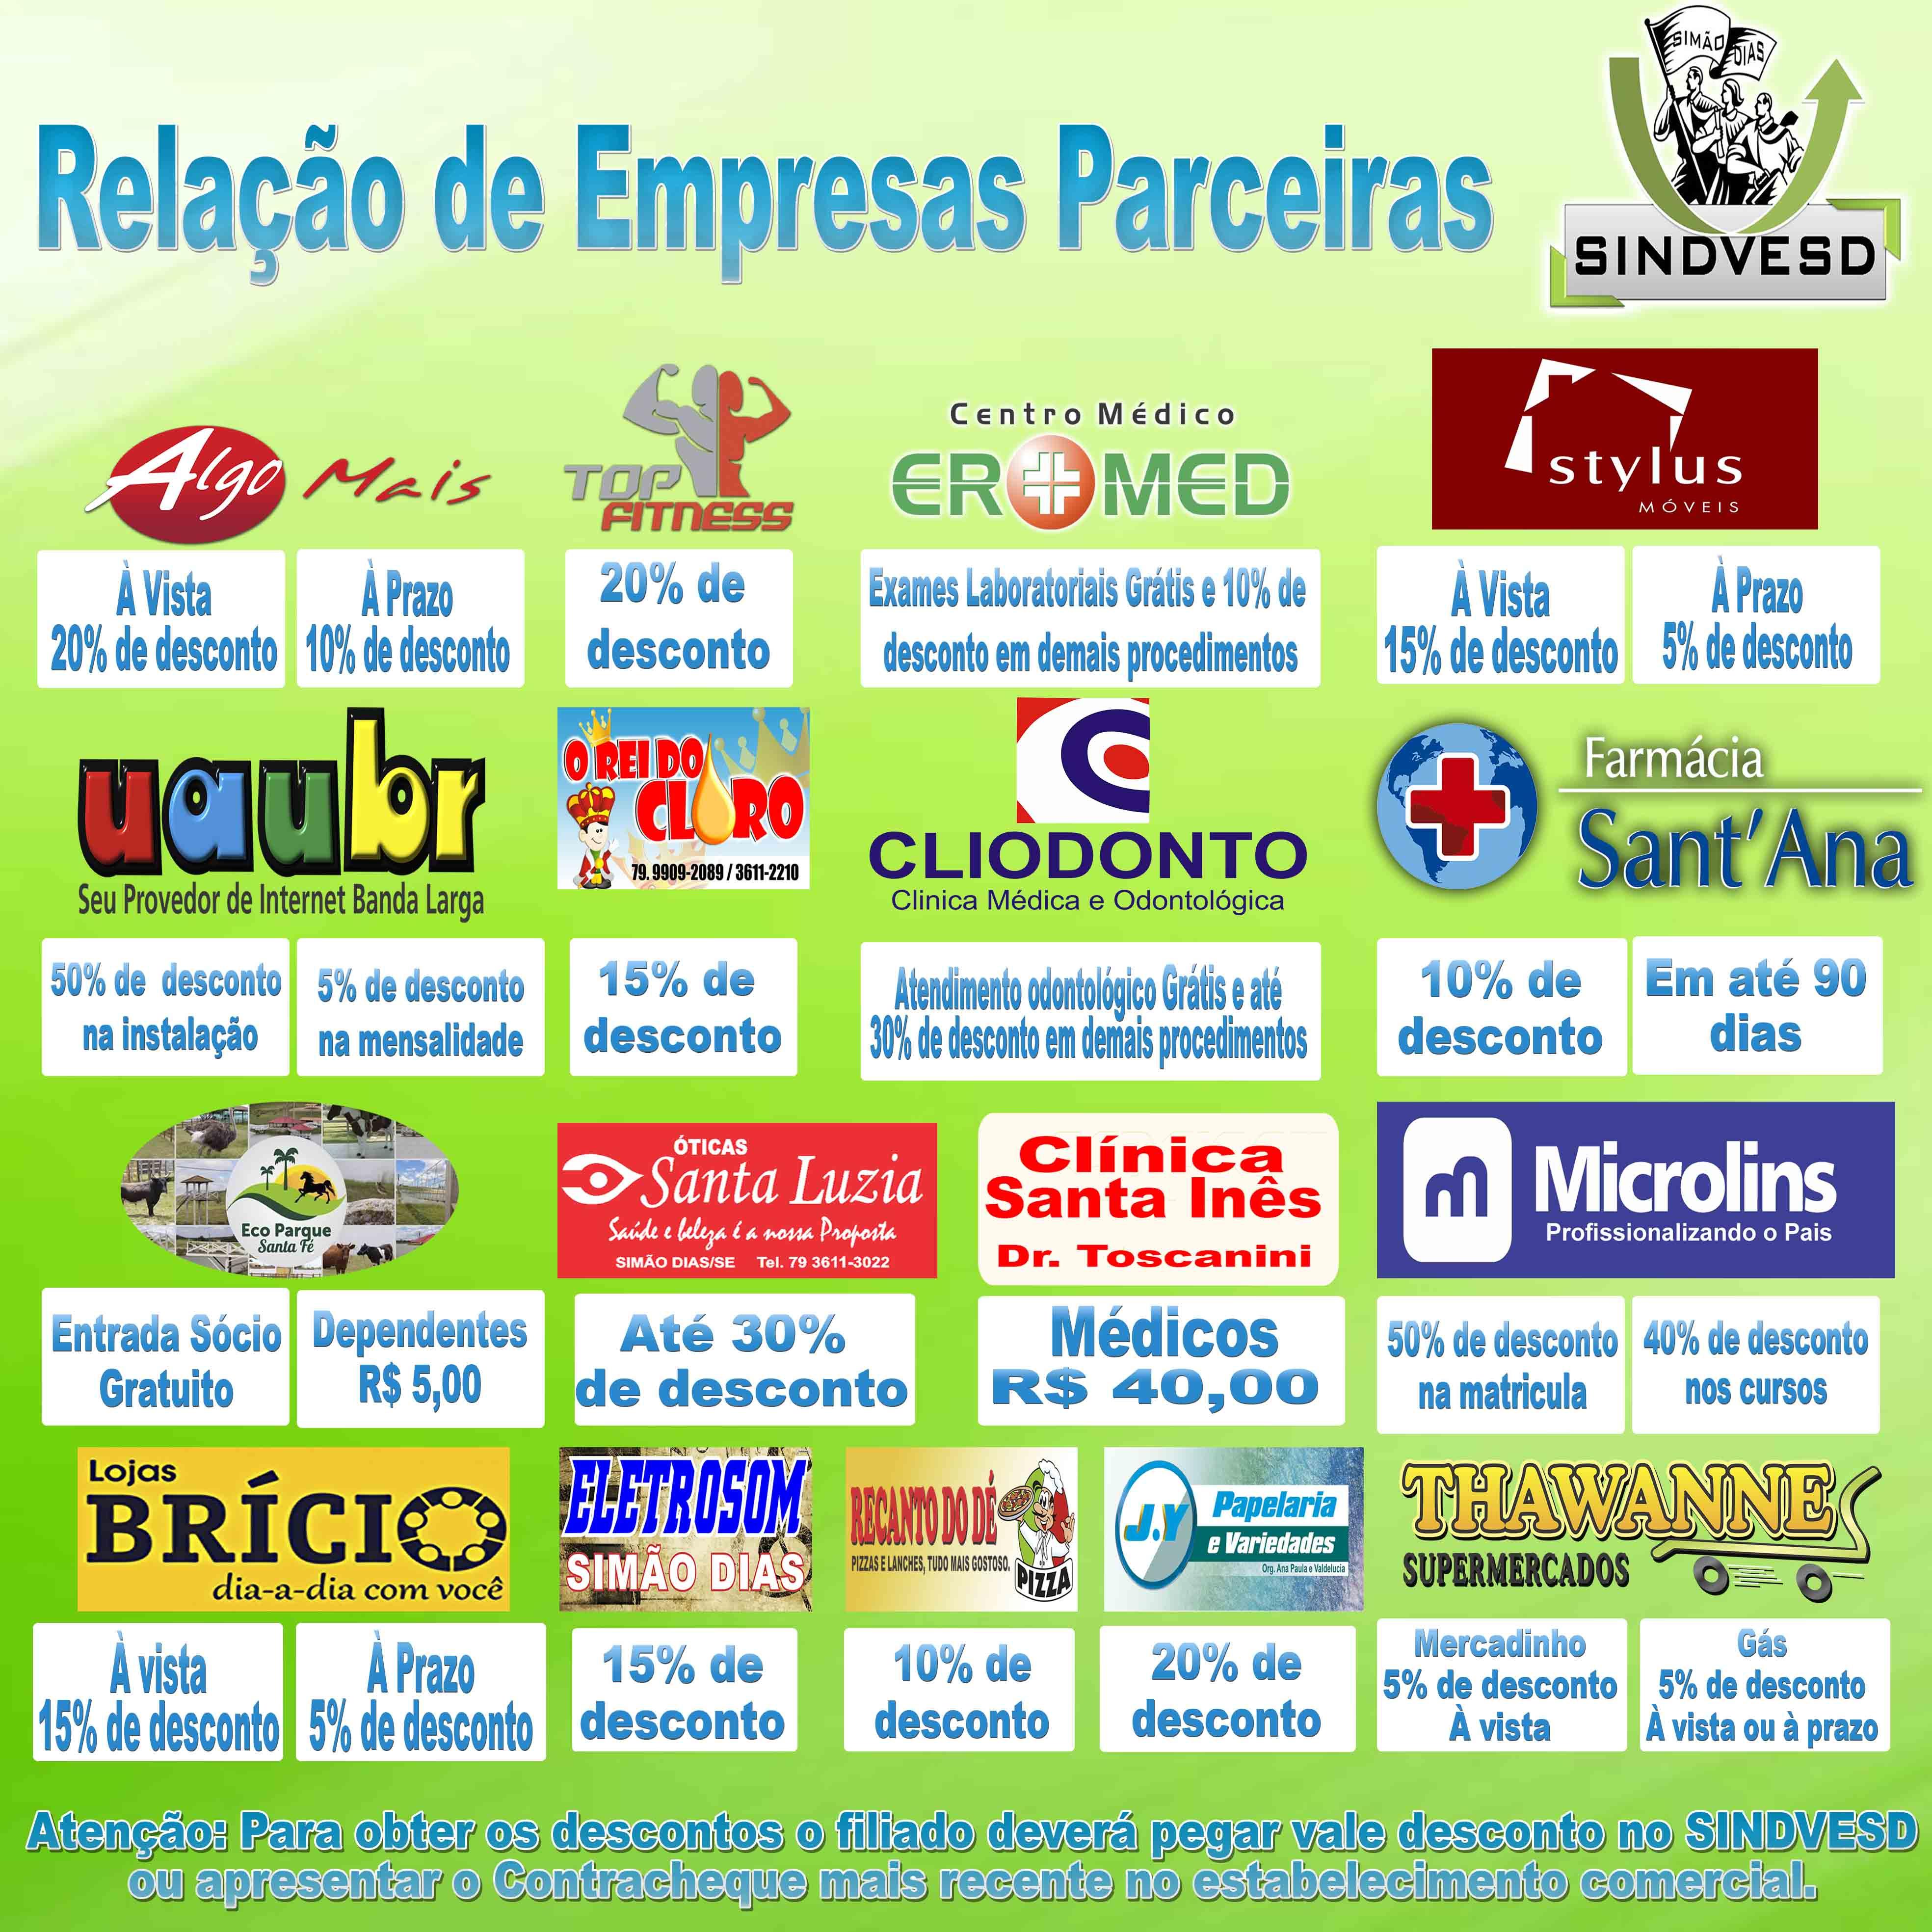 CONFIRA A RELAÇÃO DE EMPRESAS PARCEIRAS COM DESCONTOS PARA SÓCIOS DO SINDIVESD